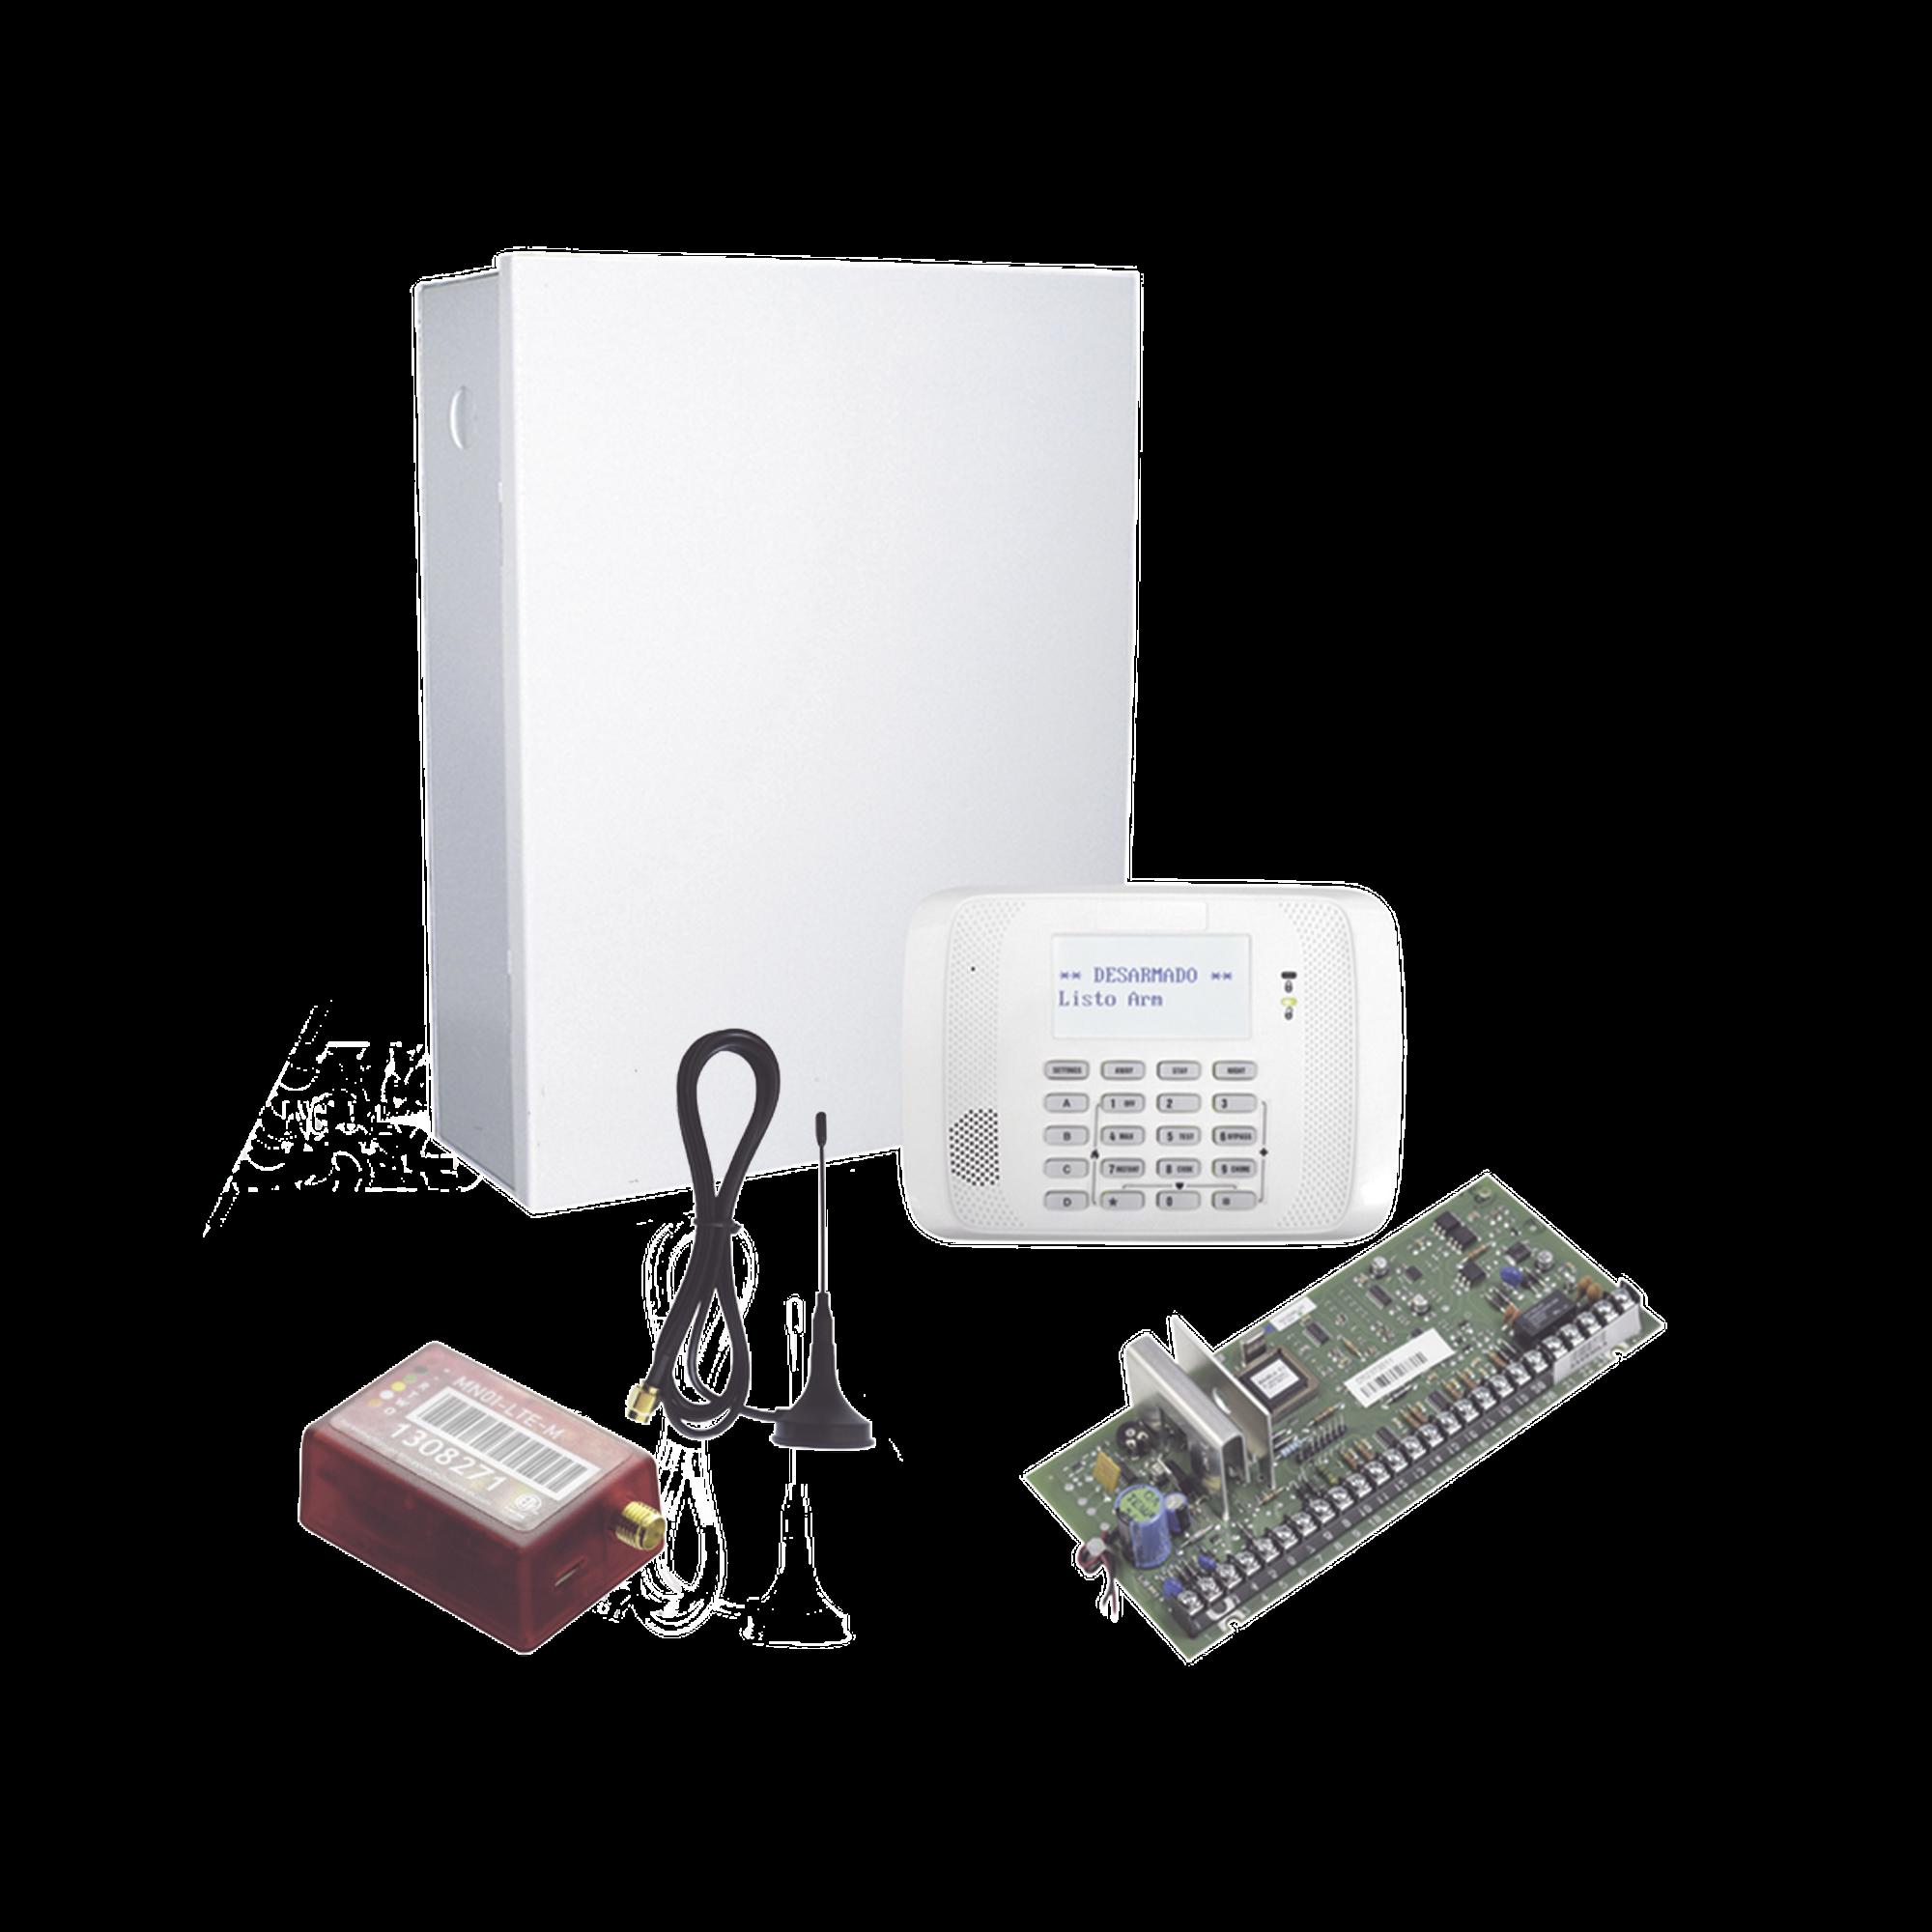 KIT de Panel de Alarma Hibrido/Teclado 6162RF Y Comunicador MN02LTEM - 2 años de servicio incluidos